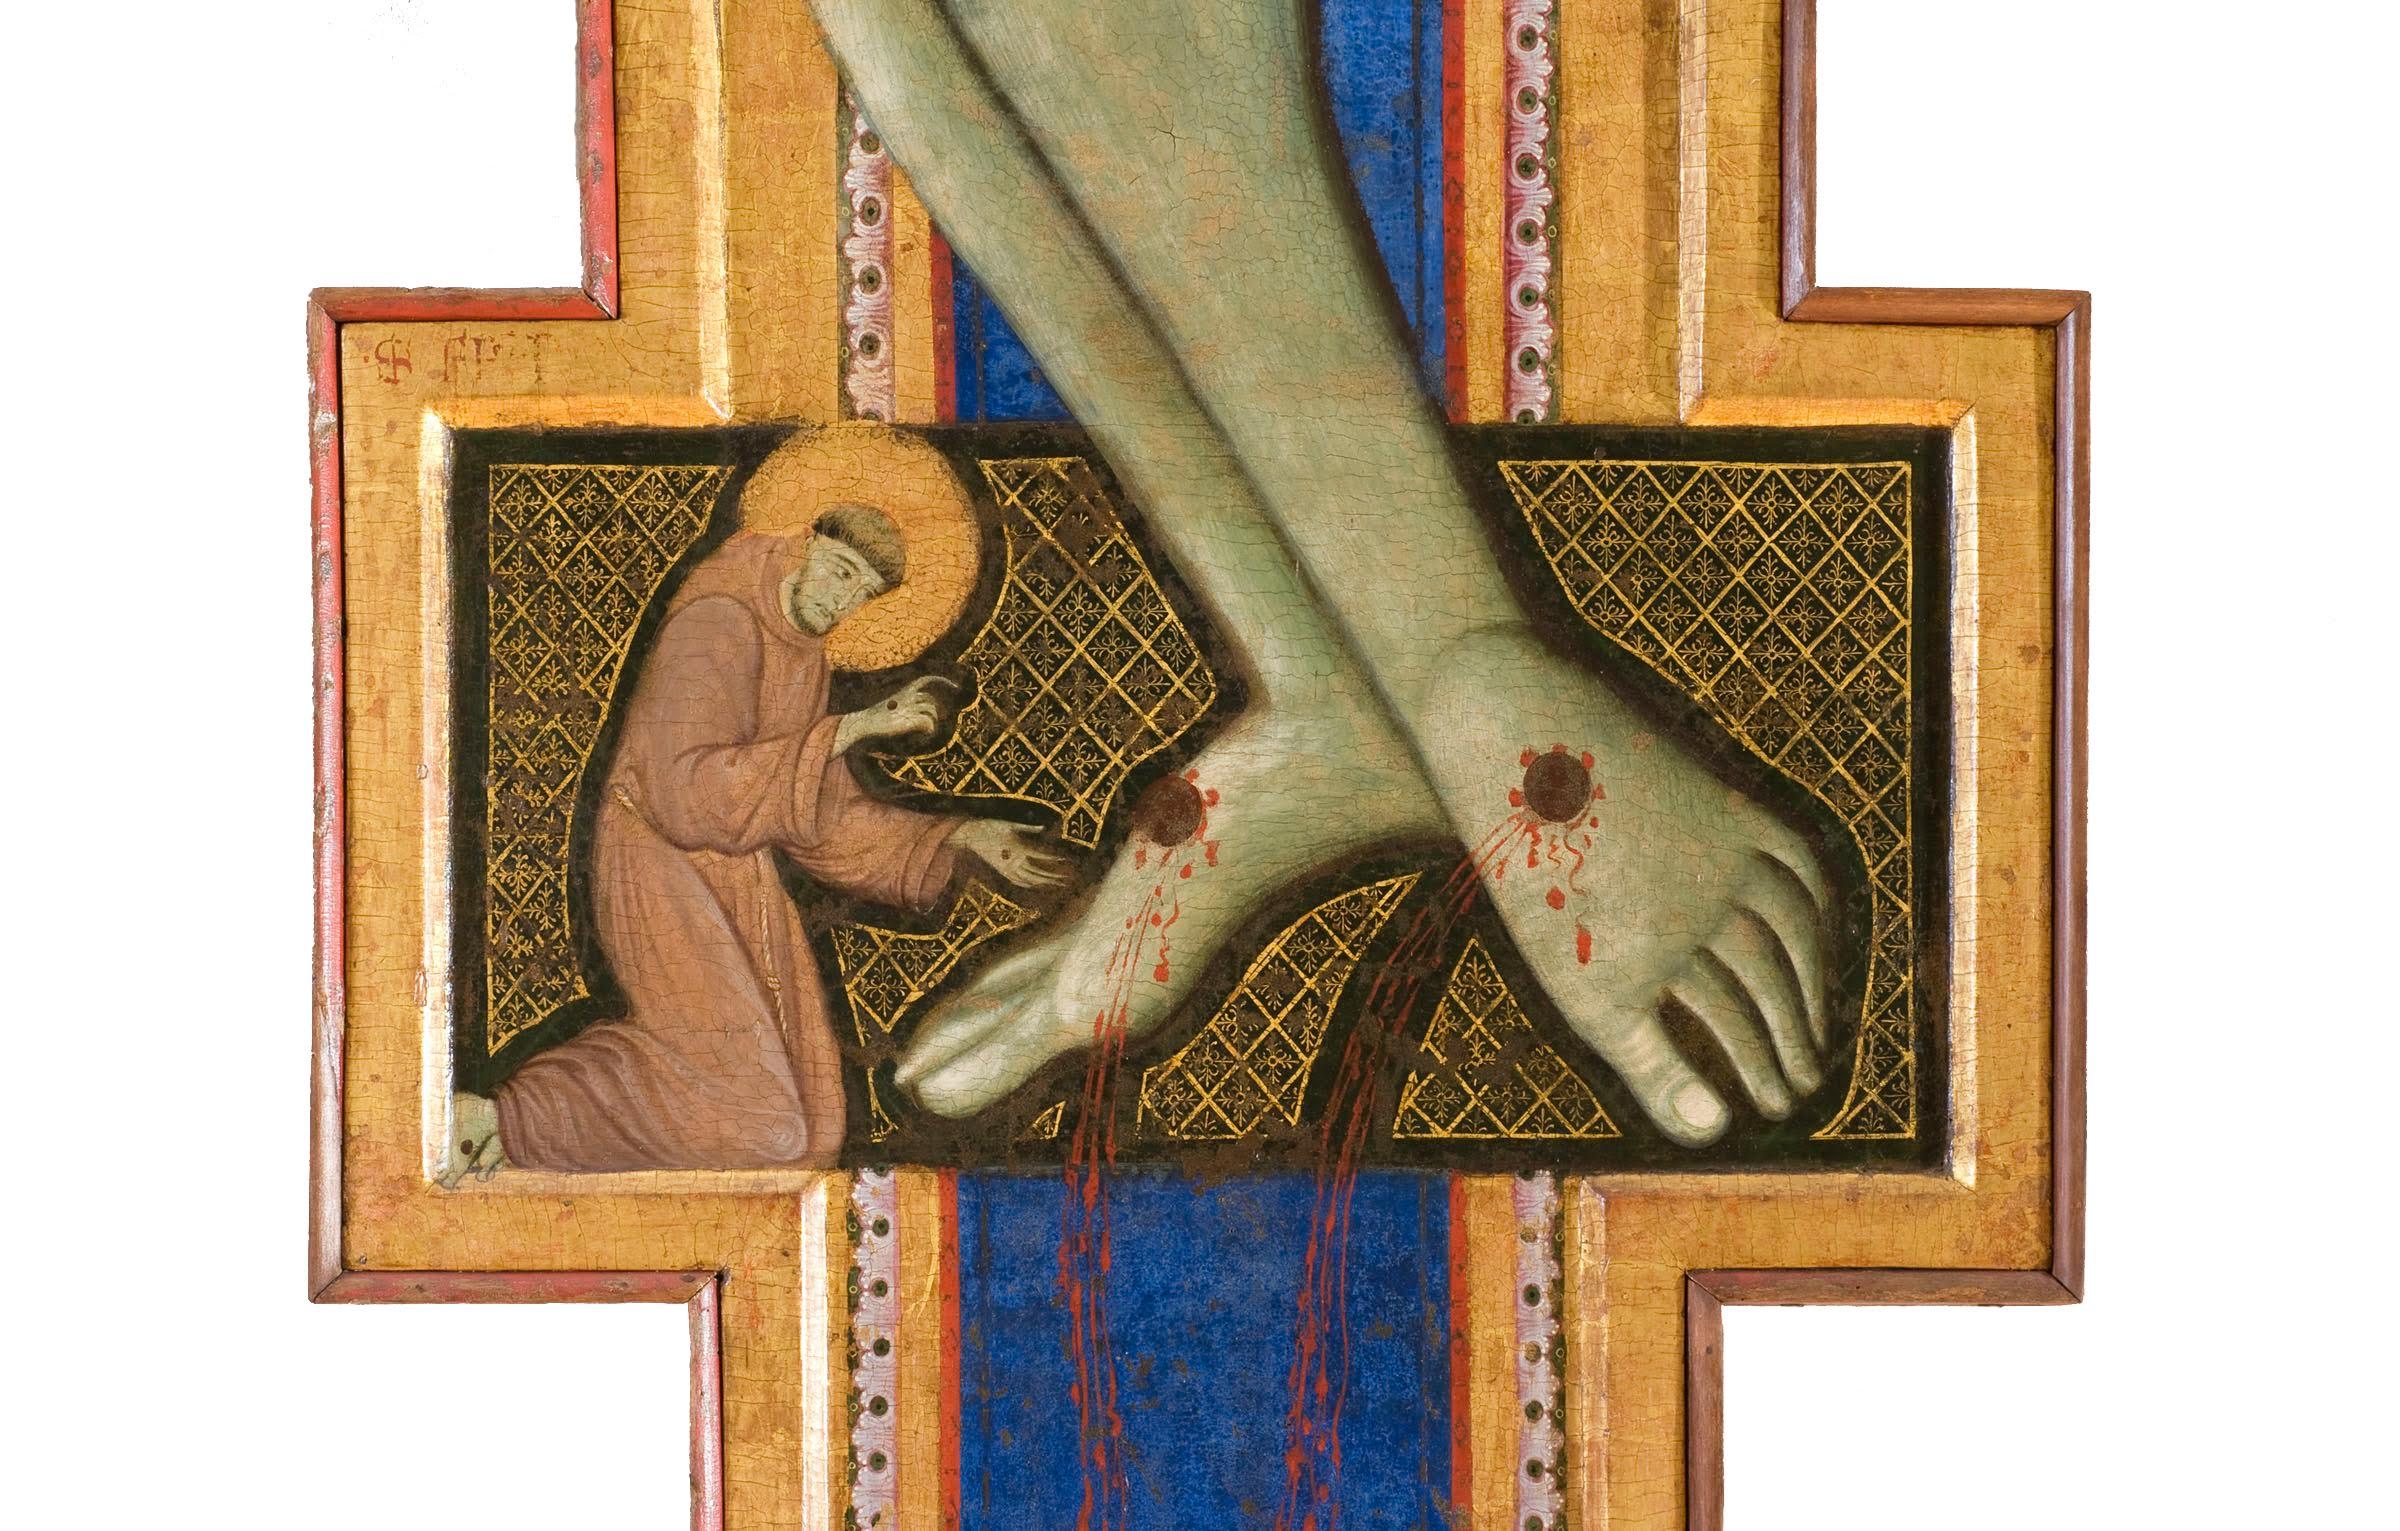 Crocifisso, Maestro di San Francesco, 1272, Galleria nazionale dell'Umbria, Perugia